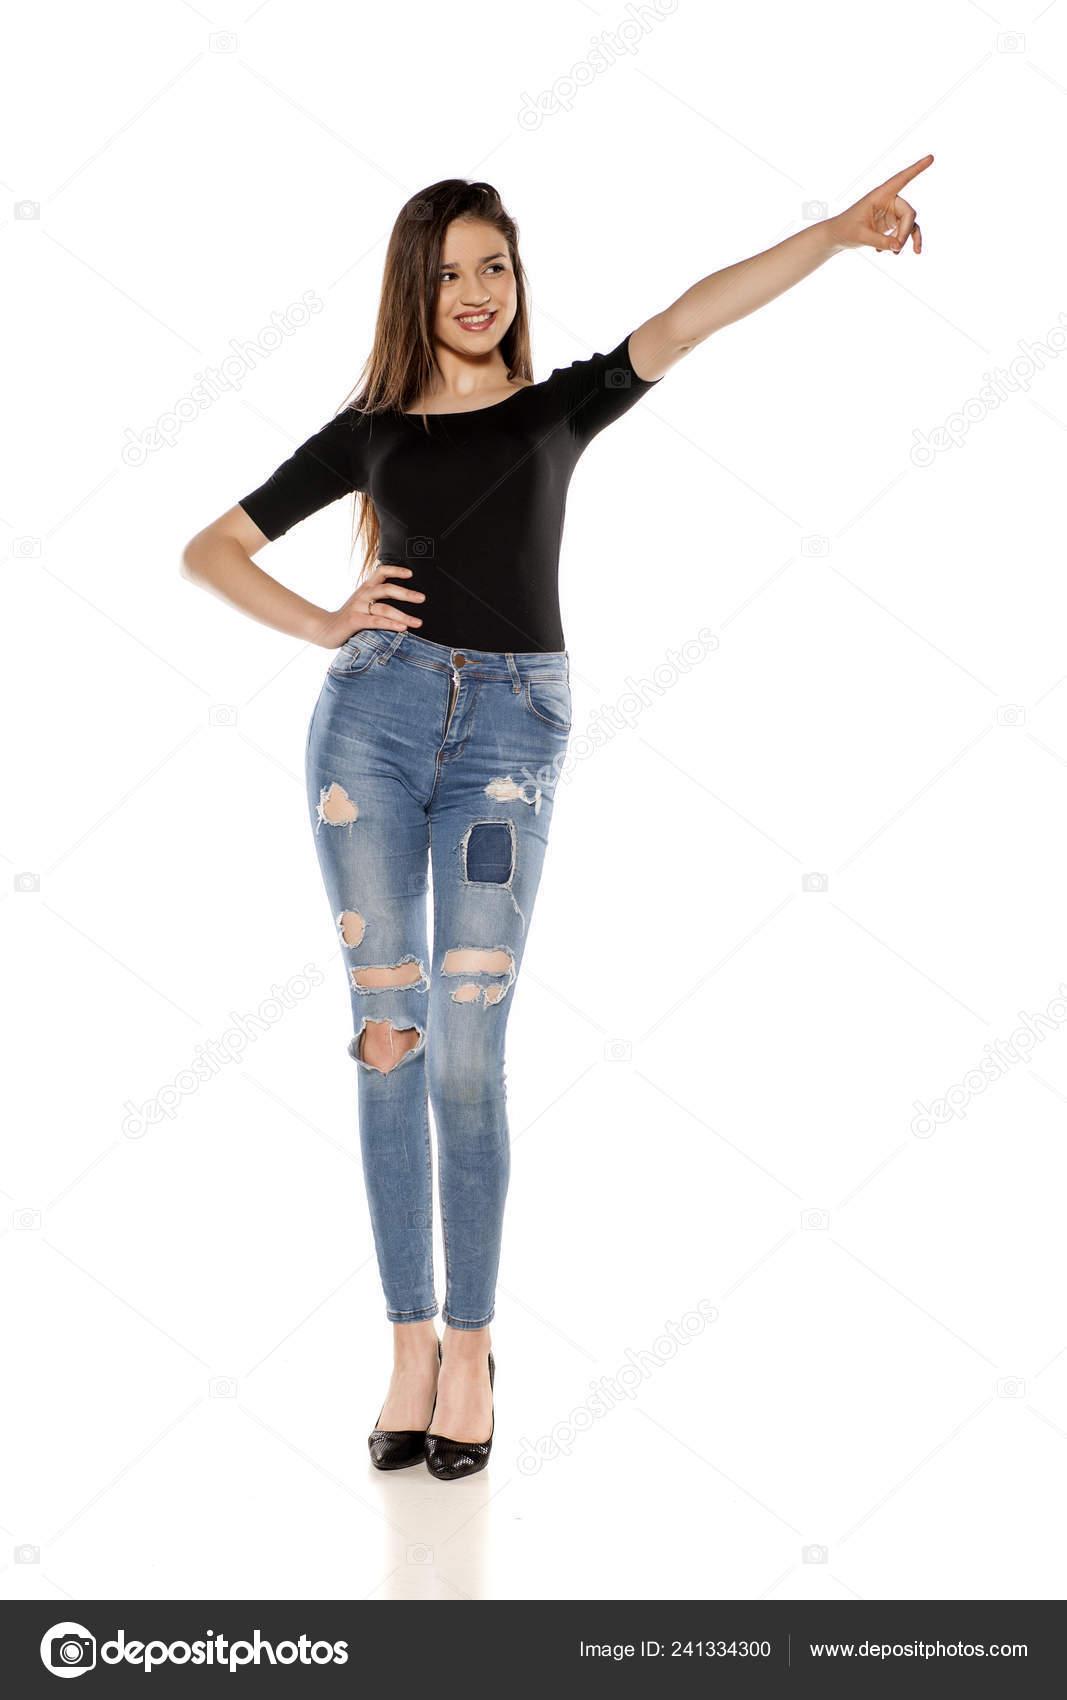 167349490849 Ευτυχισμένος Νεαρό Κορίτσι Στο Σχισμένο Τζιν Κατάδειξης Λευκό Φόντο– εικόνα  αρχείου